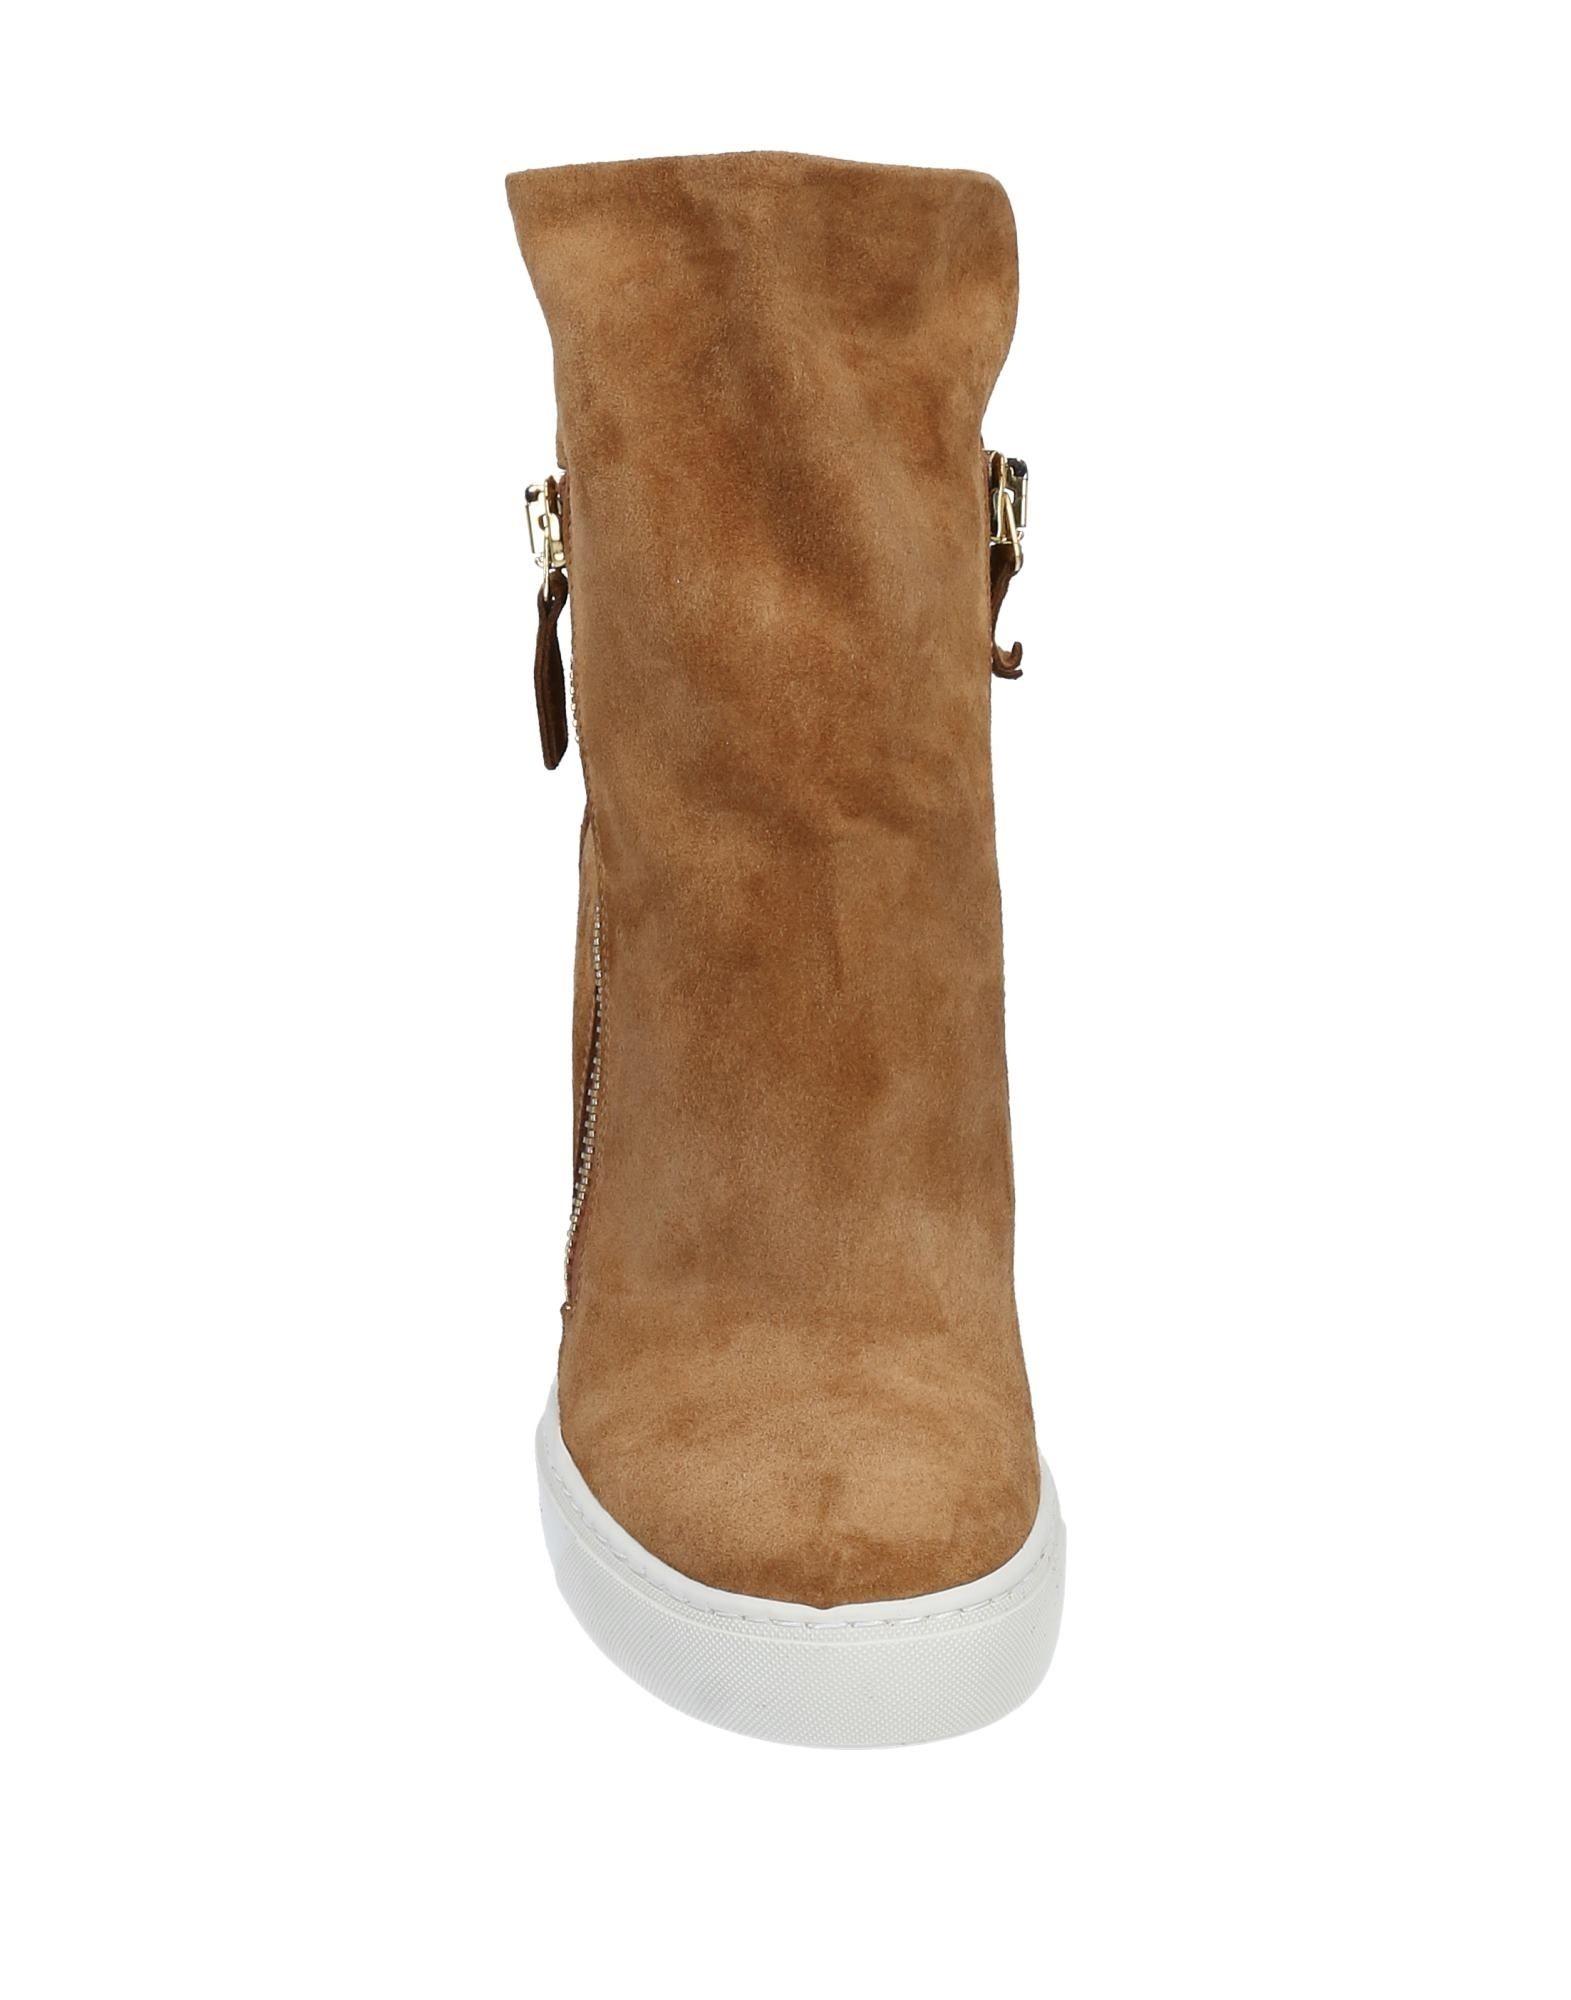 Stilvolle Stiefelette billige Schuhe Max Bianco Stiefelette Stilvolle Damen  11520281RT f5843d